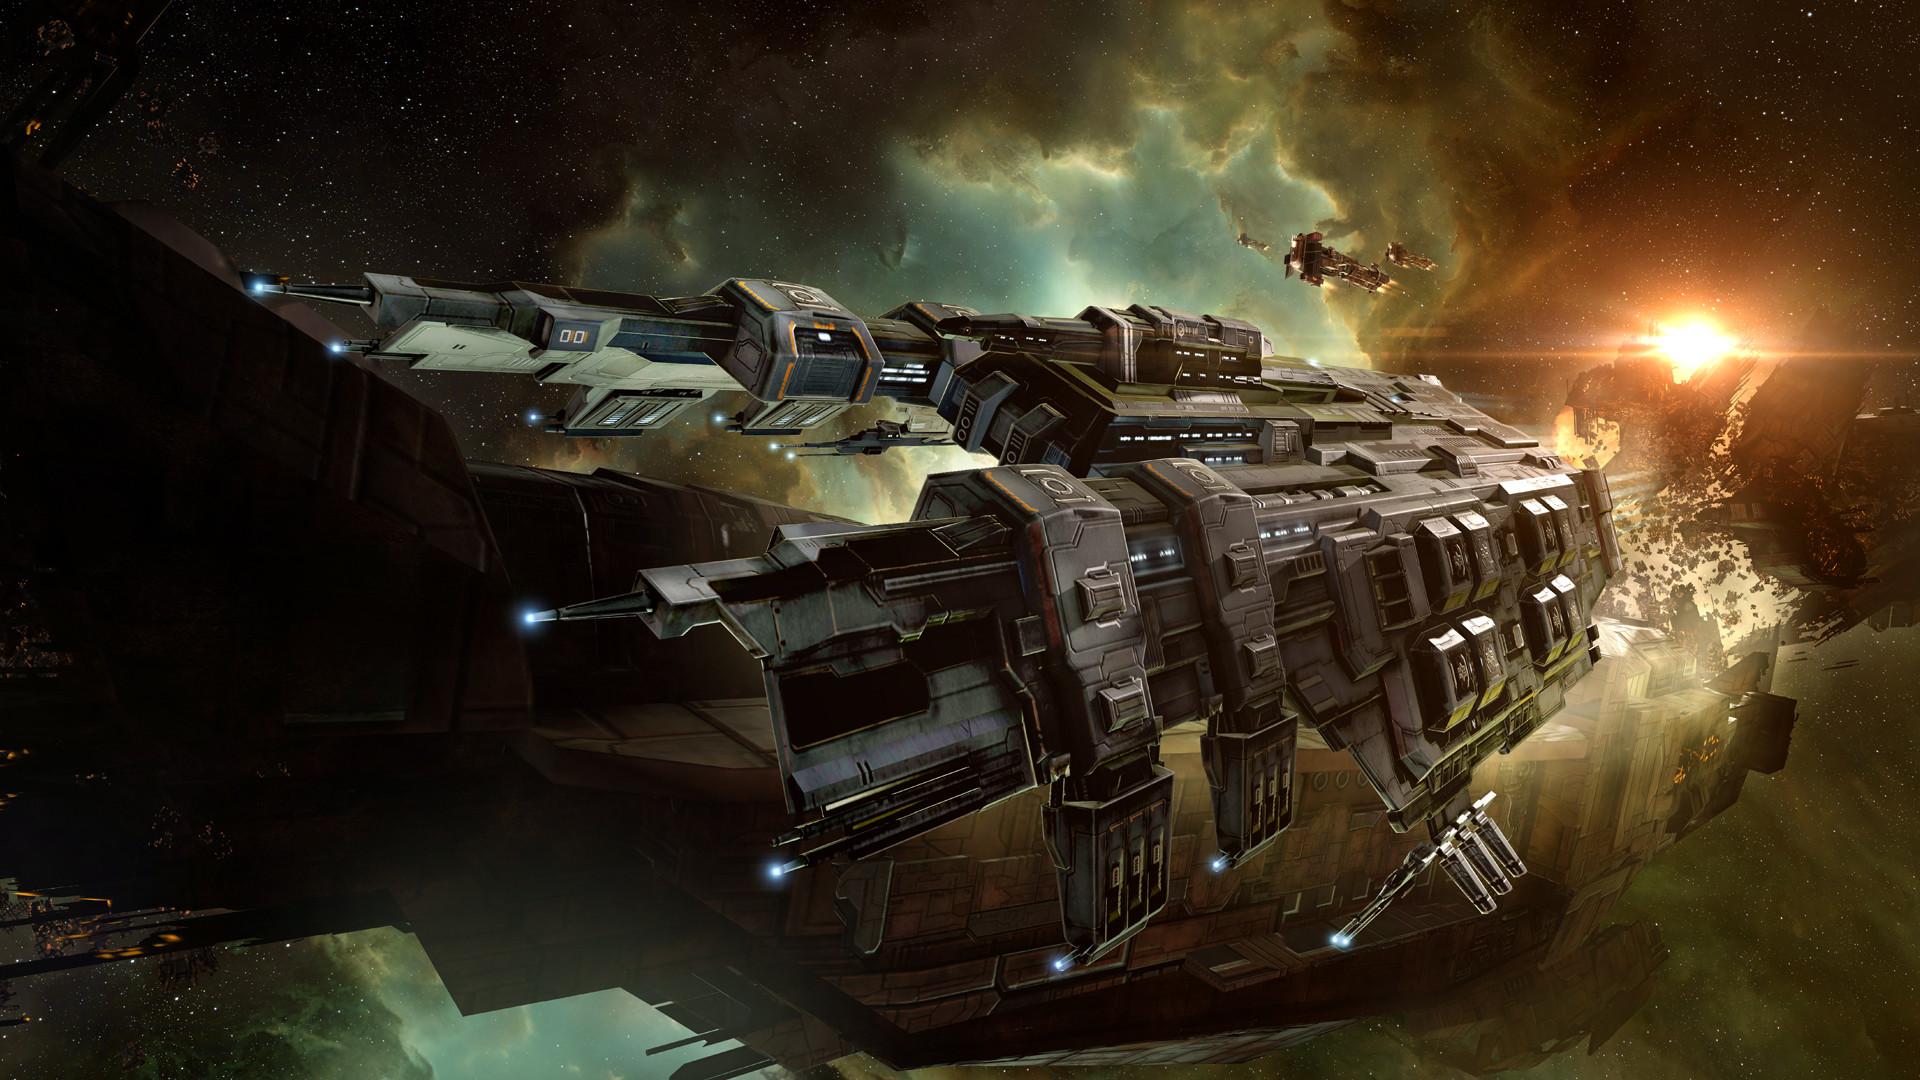 Battlecruisers